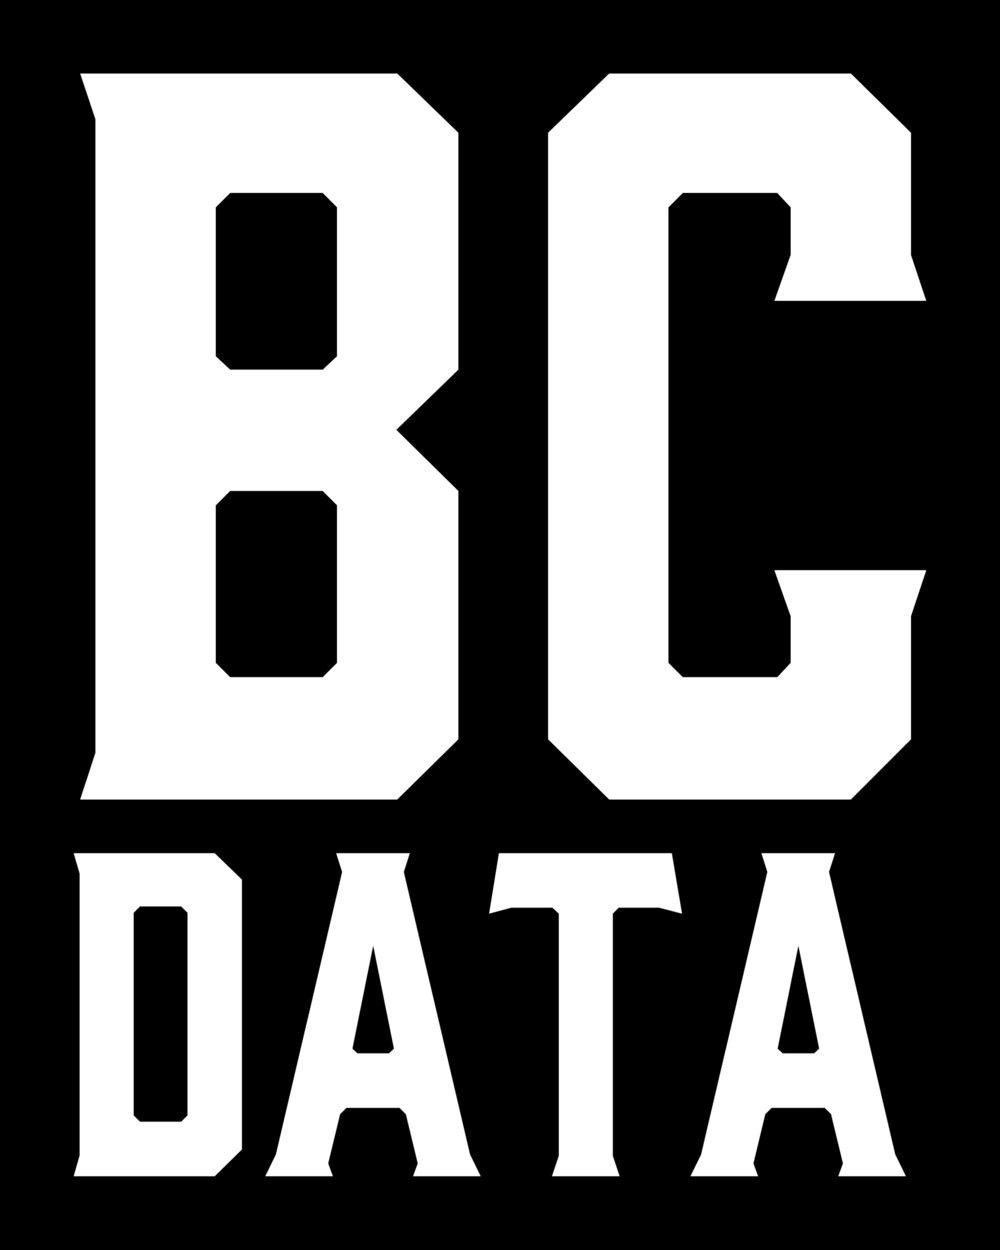 logo_transparent_background (1).png